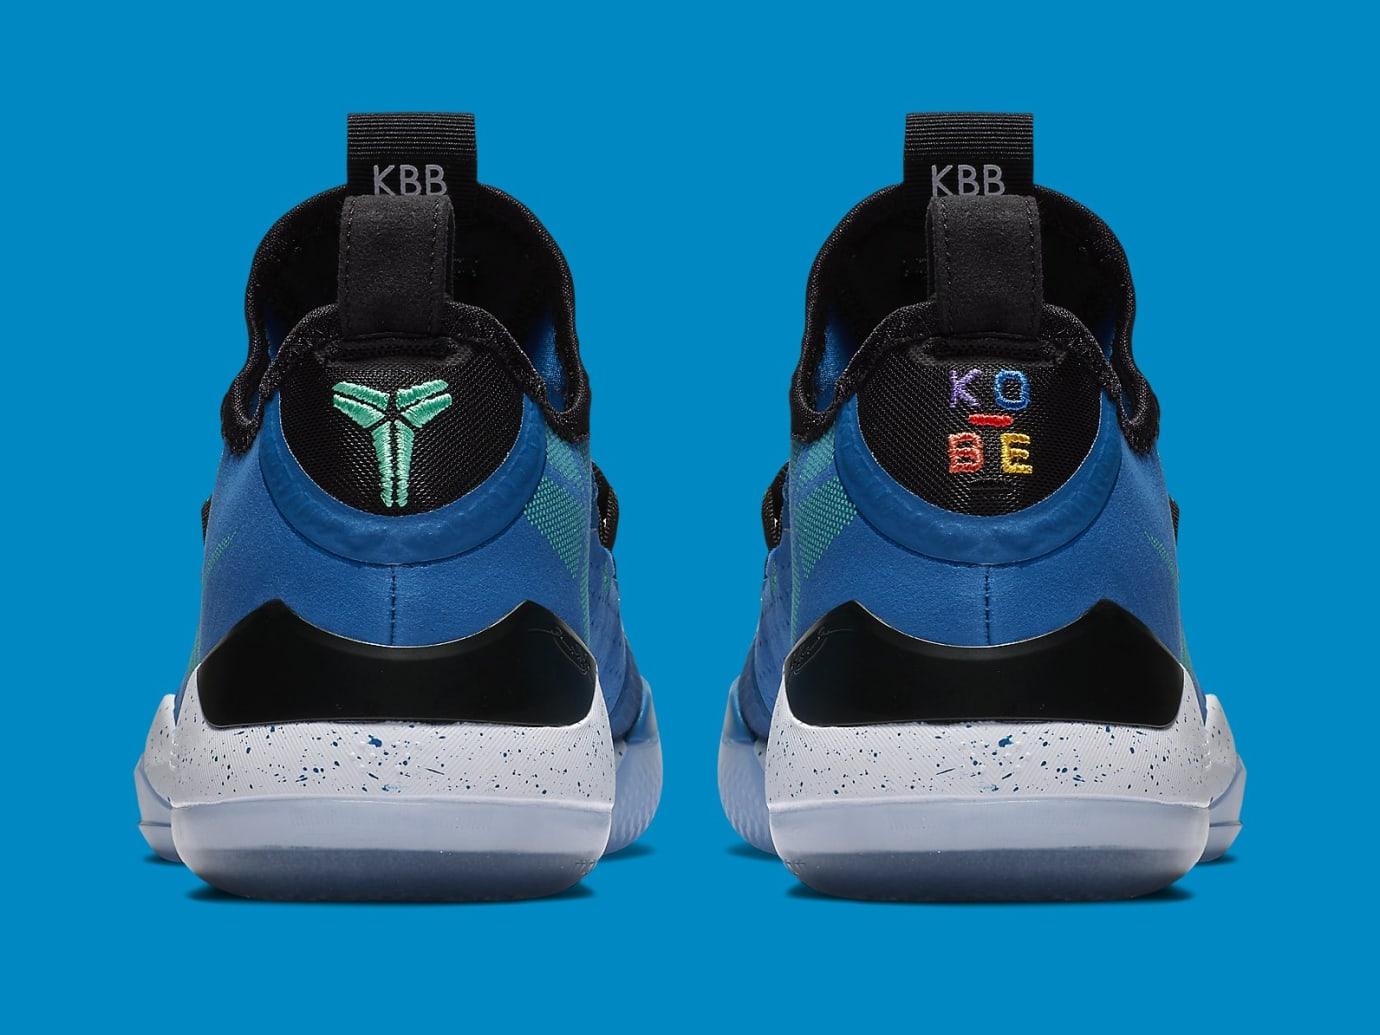 Nike Kobe A.D. Military Blue Sunblush Release Date AV3556-400 Heel